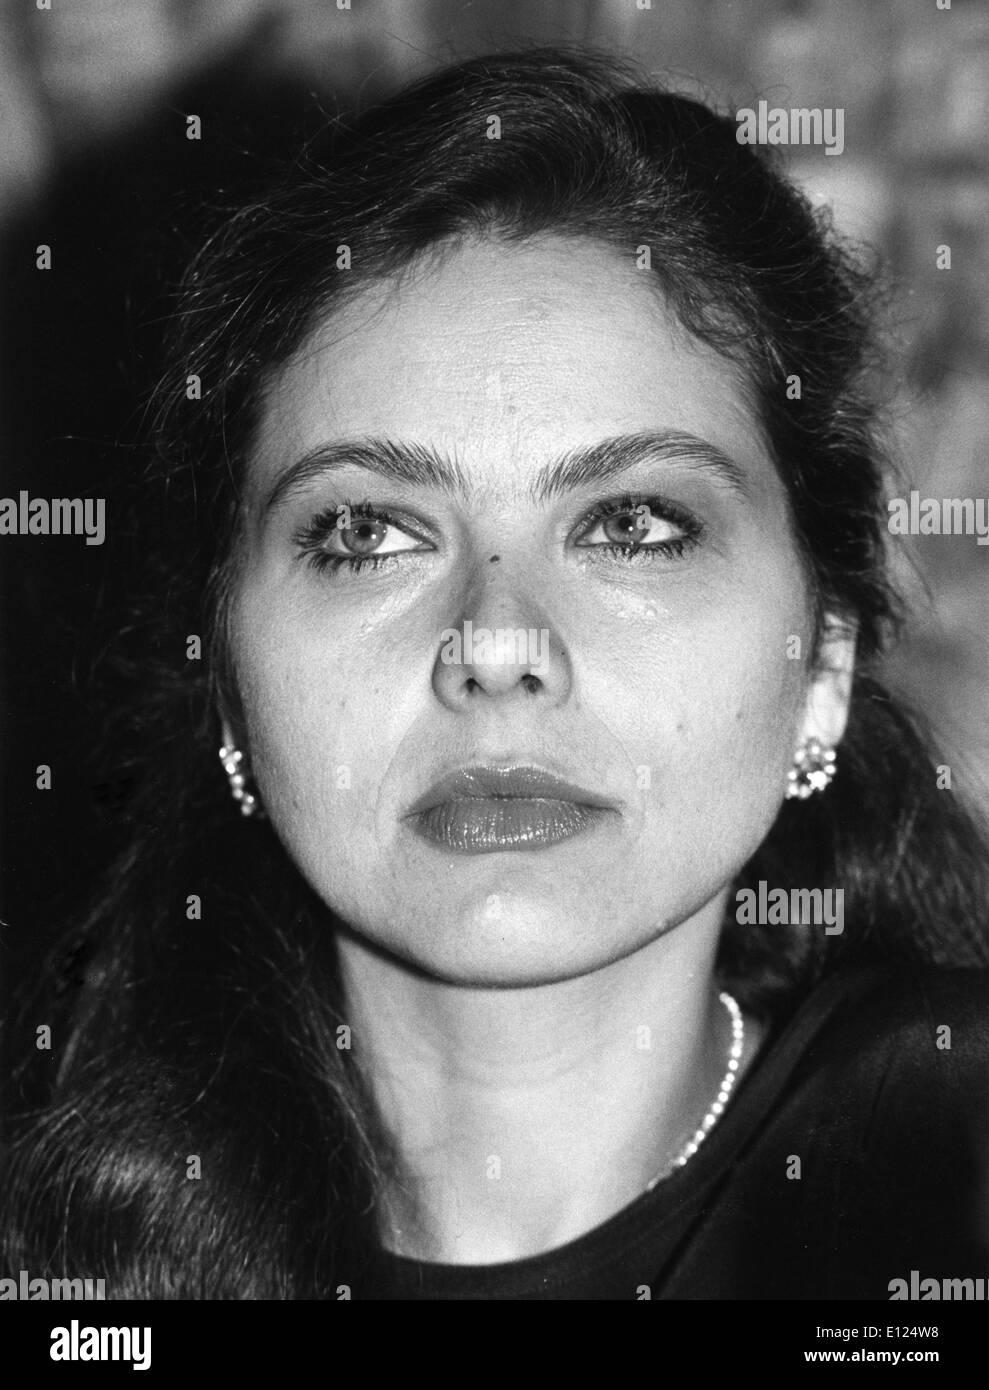 Mar. 3, 1991 - ORNELLA MUTI Stock Photo